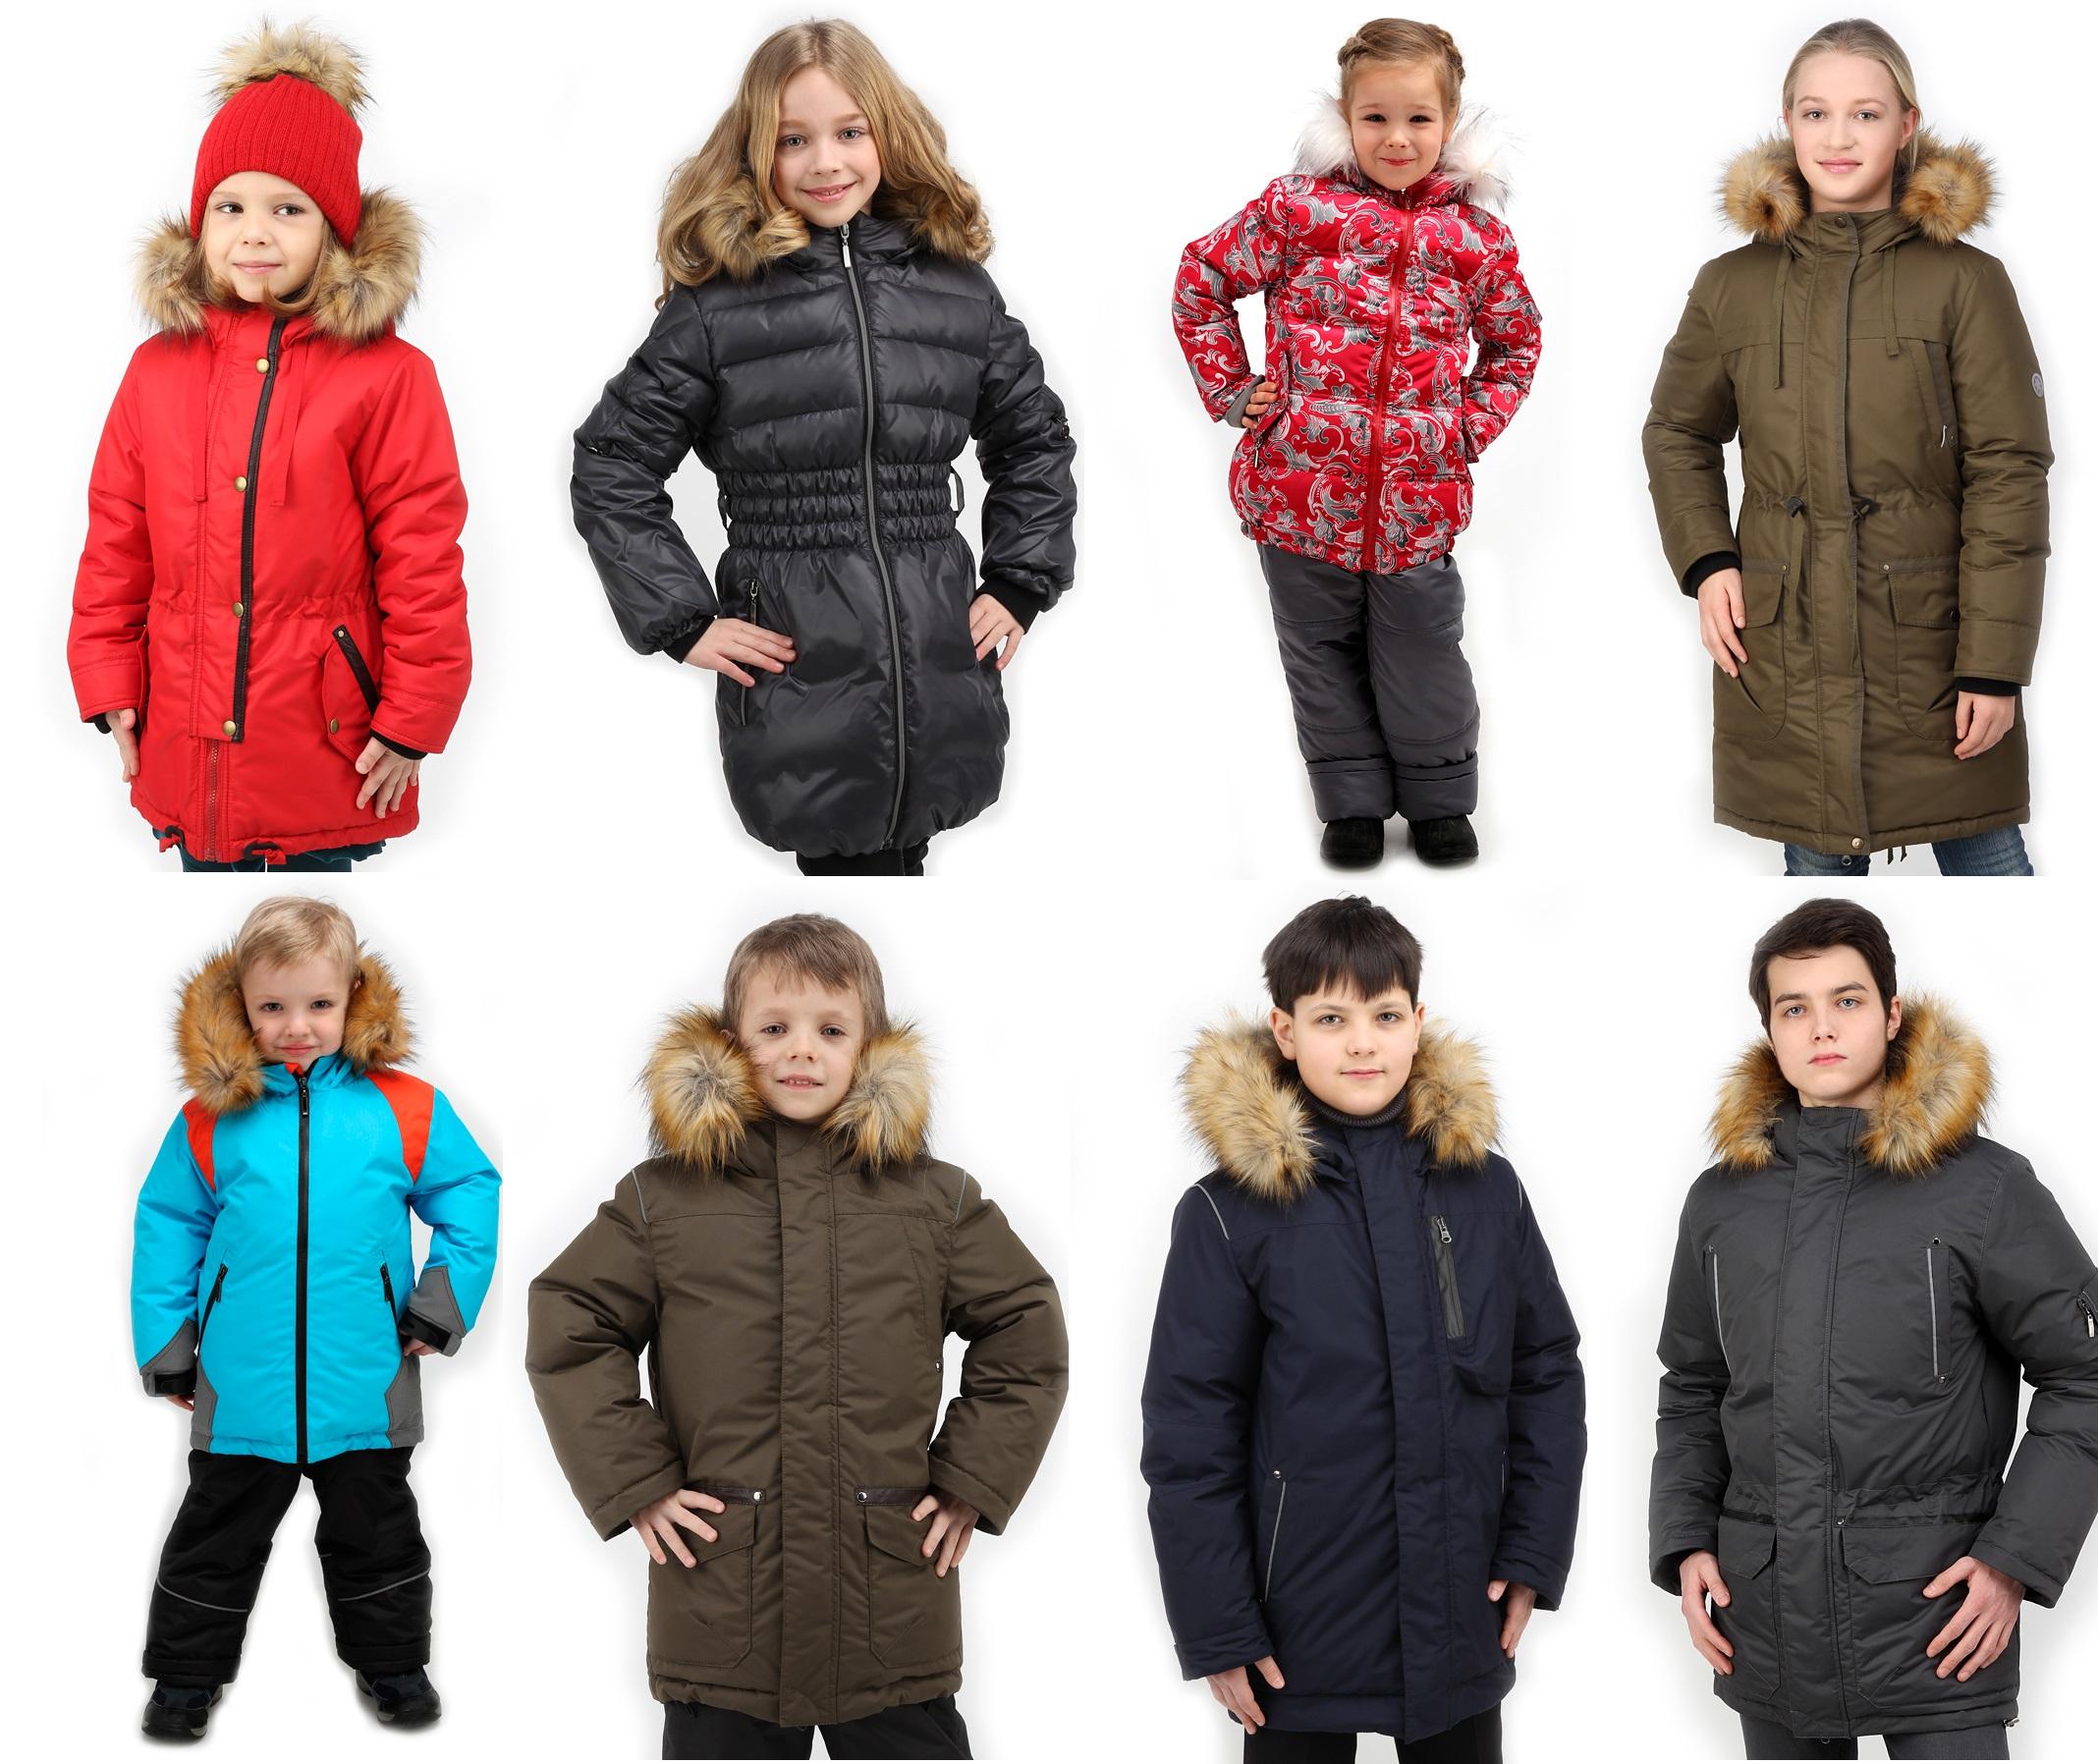 Тalvi - модно, классно, тепло и безопасно. Распродажа! Новая коллекция 2015-2016. Без рядов